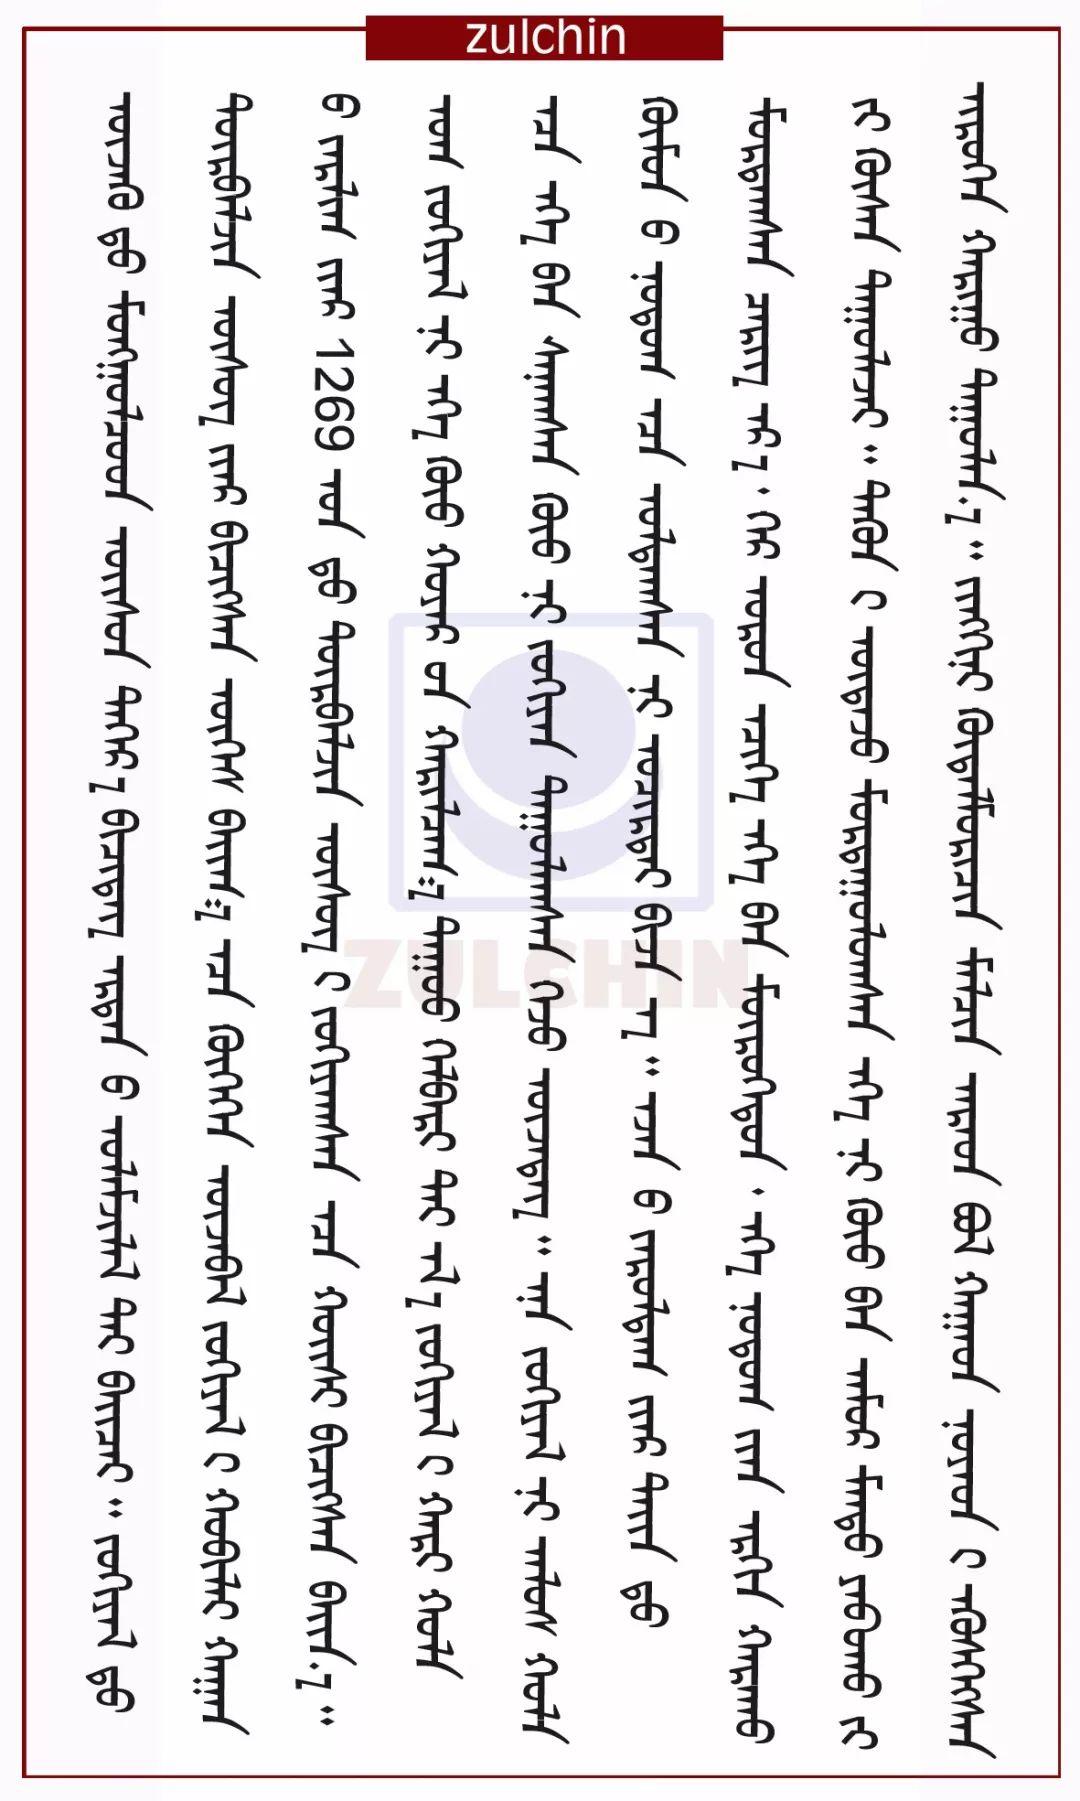 俄罗斯出土发现金帐汗国时期蒙古文信件 (蒙古文) 第5张